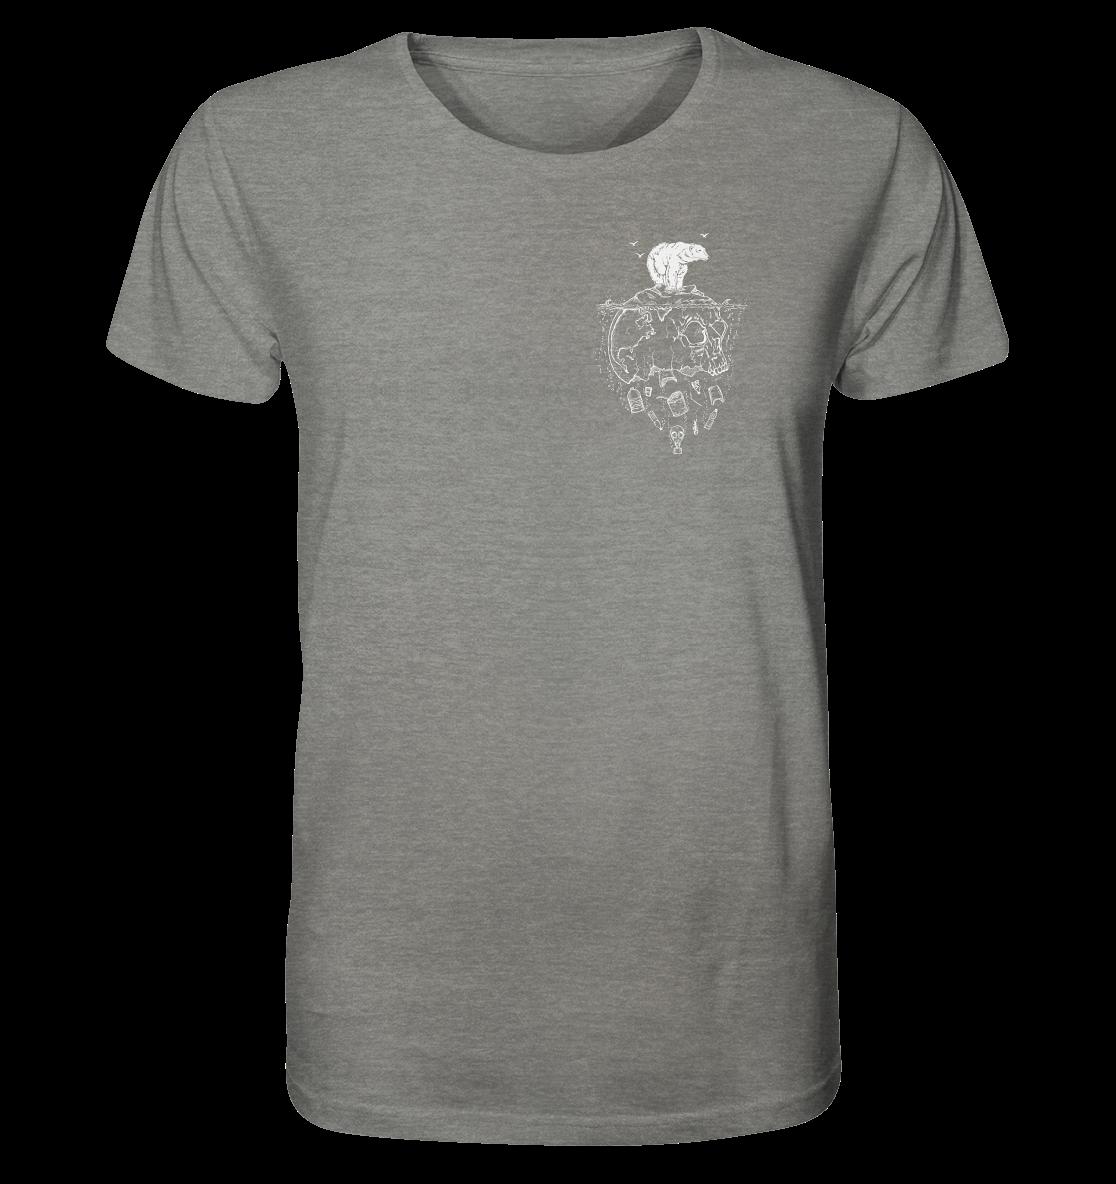 front-organic-shirt-meliert-818381-1116x-26.png